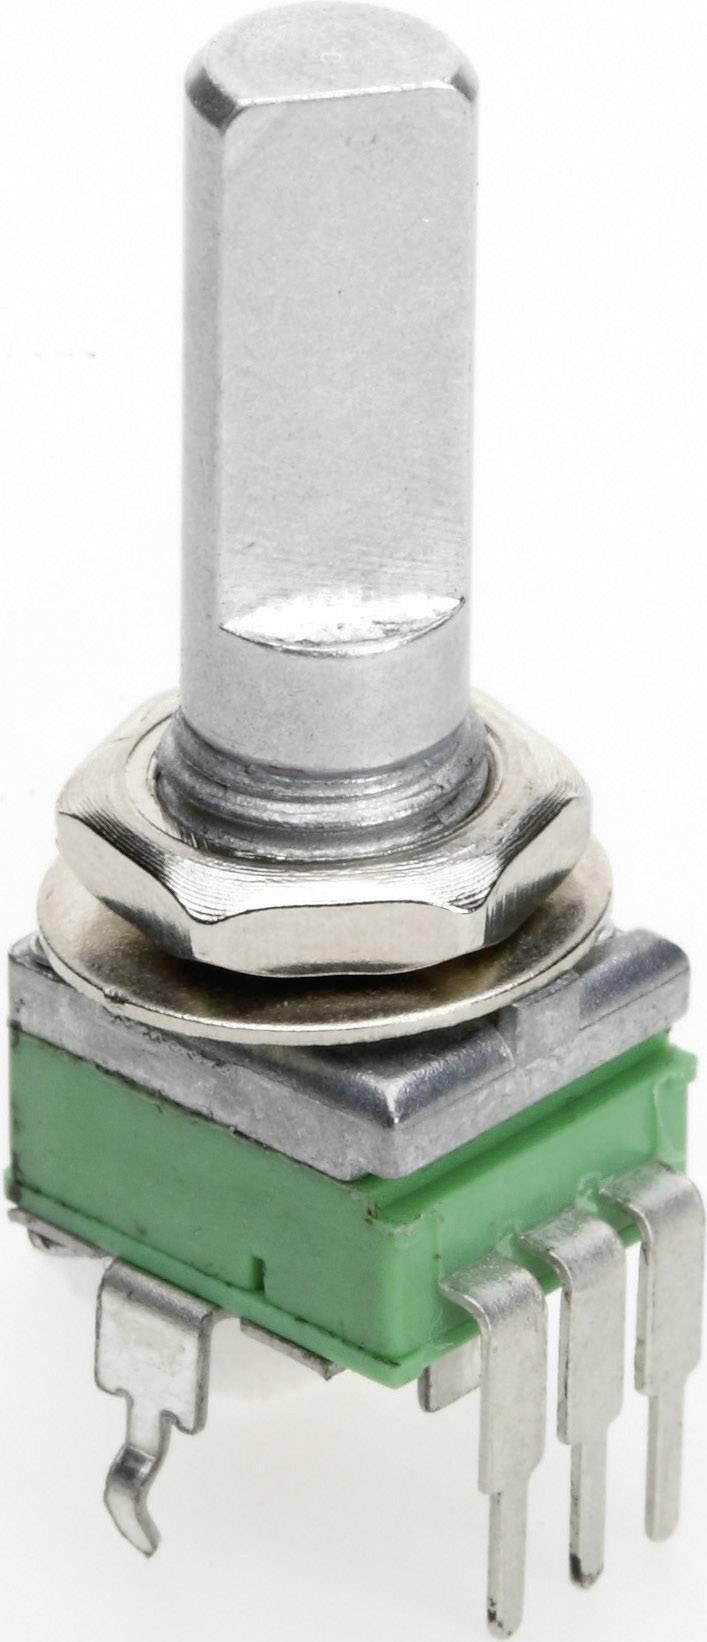 Vodivý plastový potenciometer mono TT Electronics AB P0915N-FC20 B-10 KR 4113103545, 10 kOhm, 1 ks